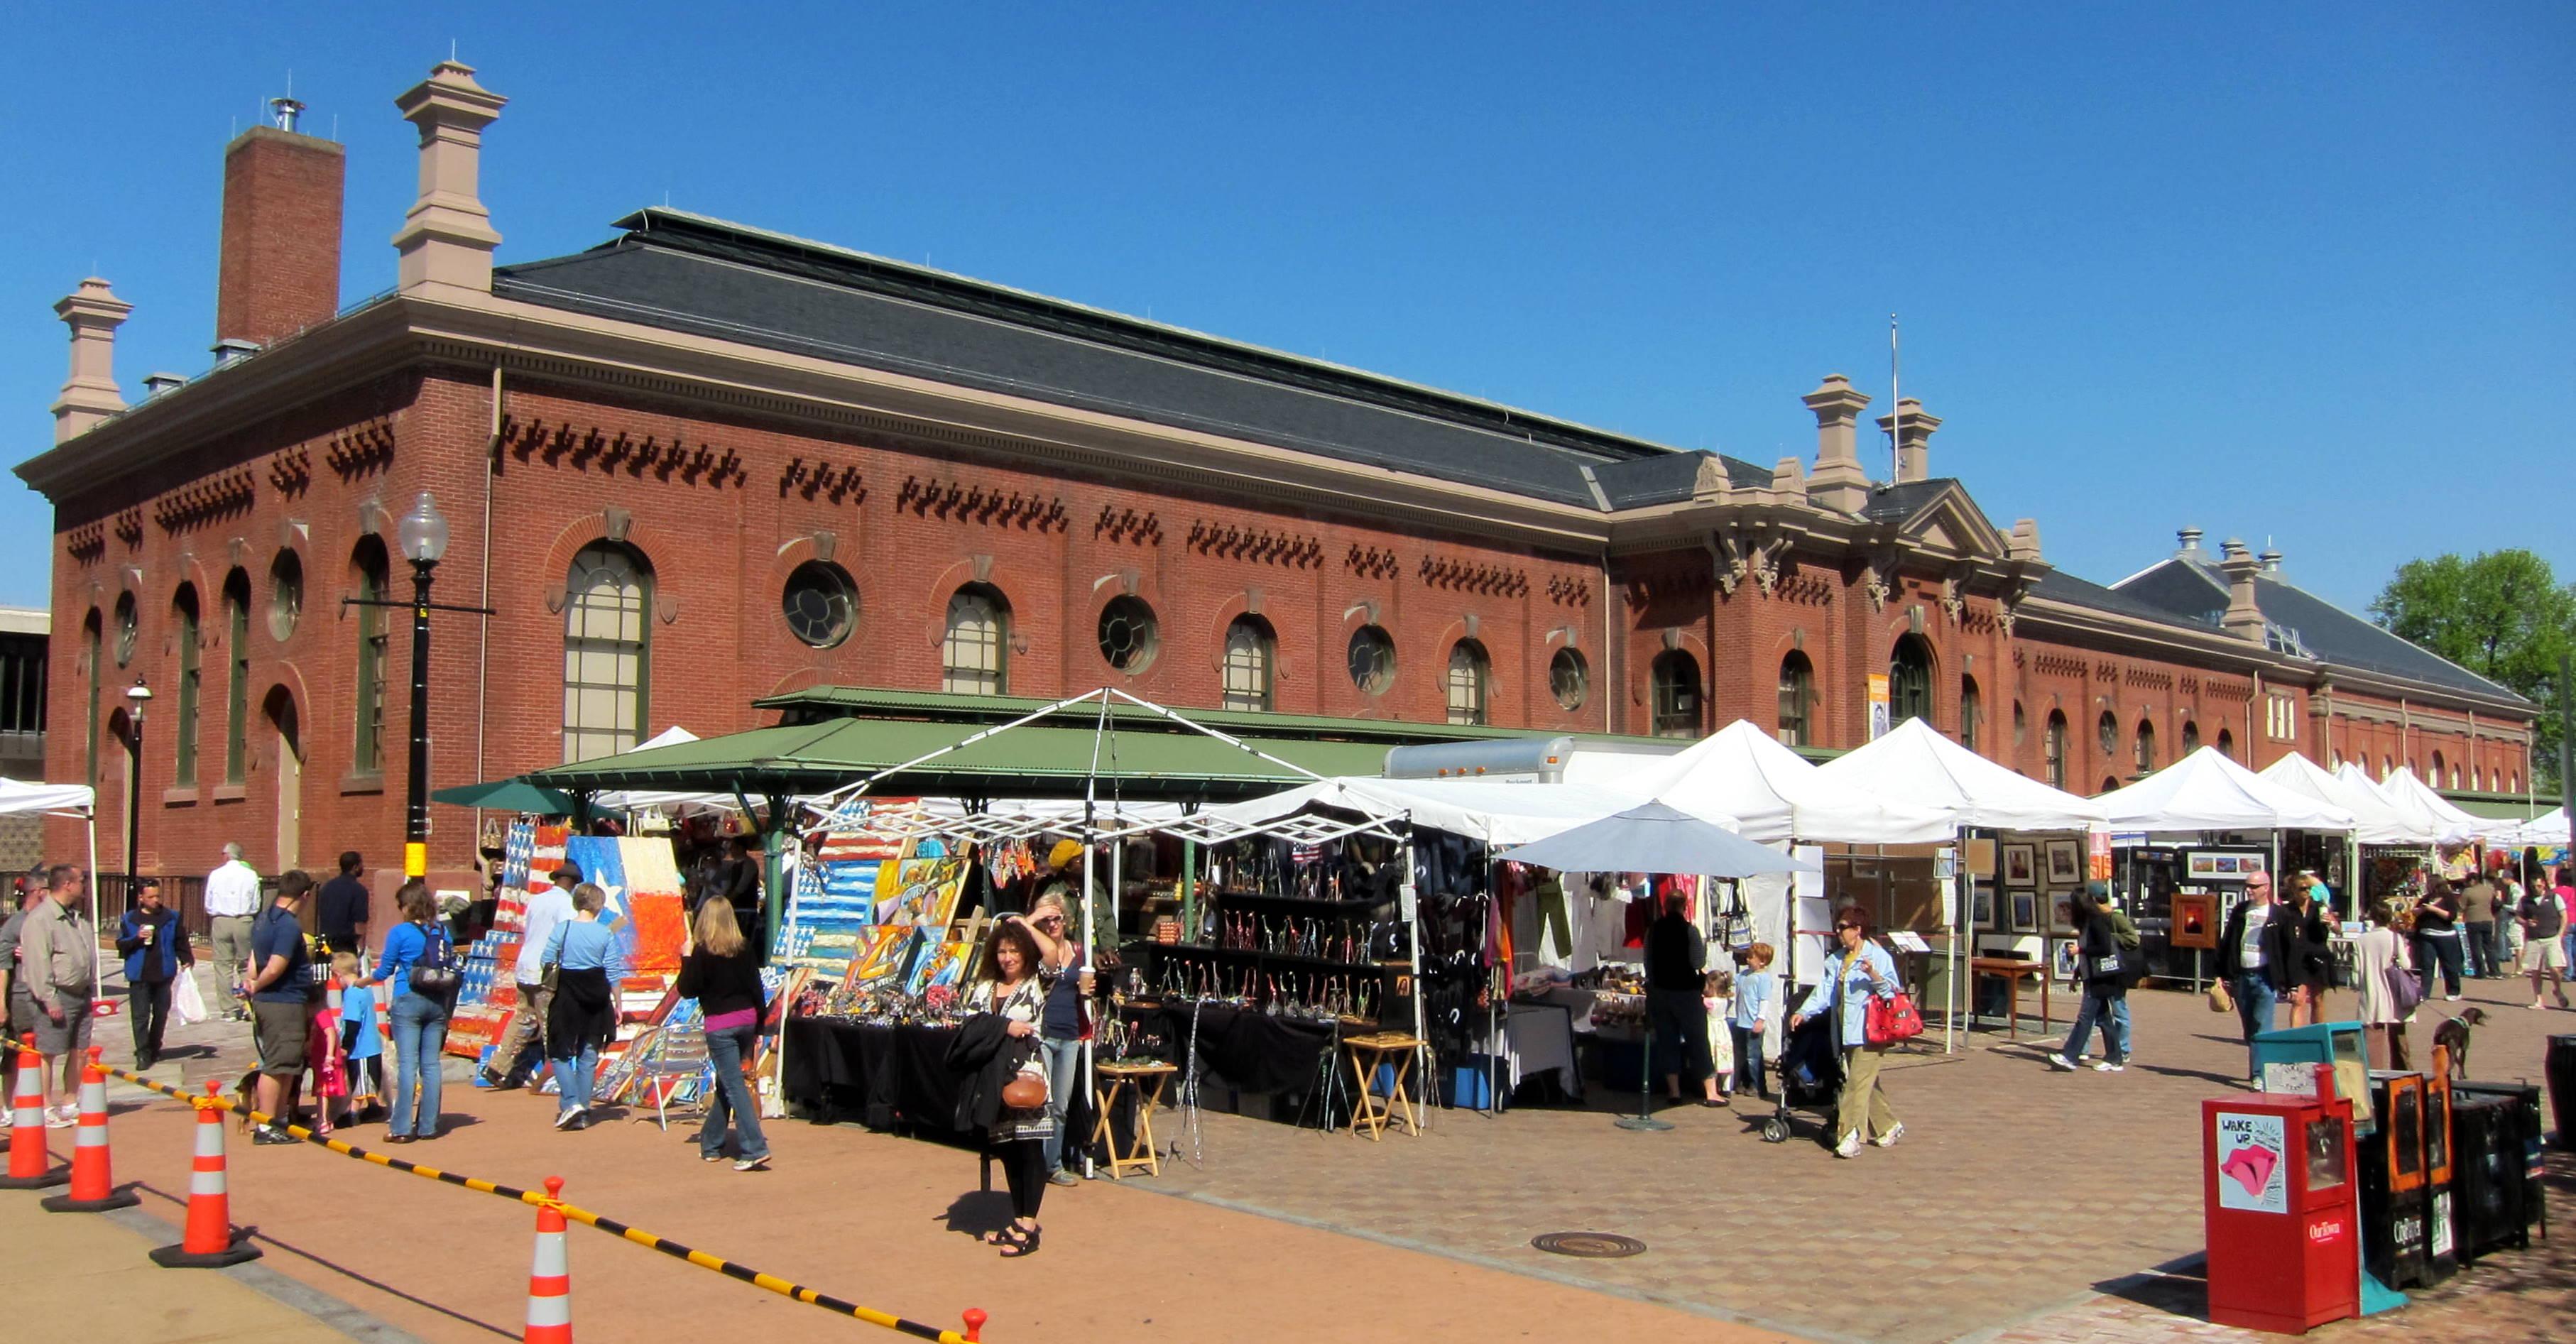 Resultado de imagen para washington eastern market